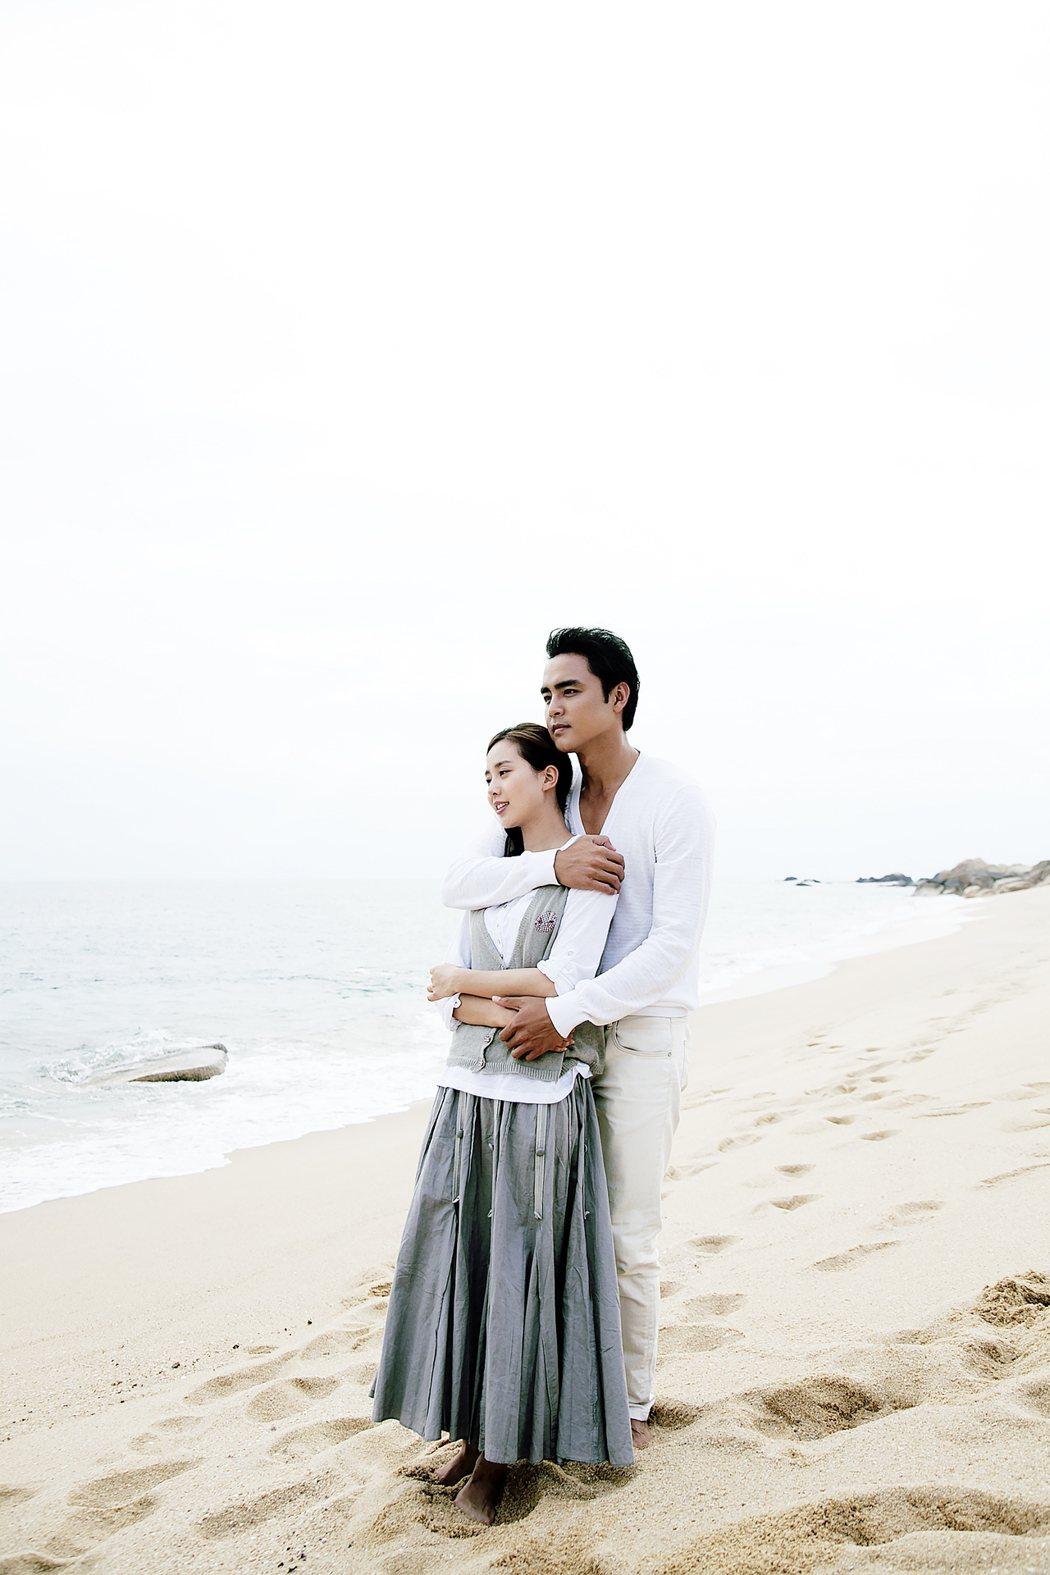 明道、劉詩詩主演「天使的幸福」,描寫單親媽與離島醫生之間刻骨銘心的愛情故事。圖/...